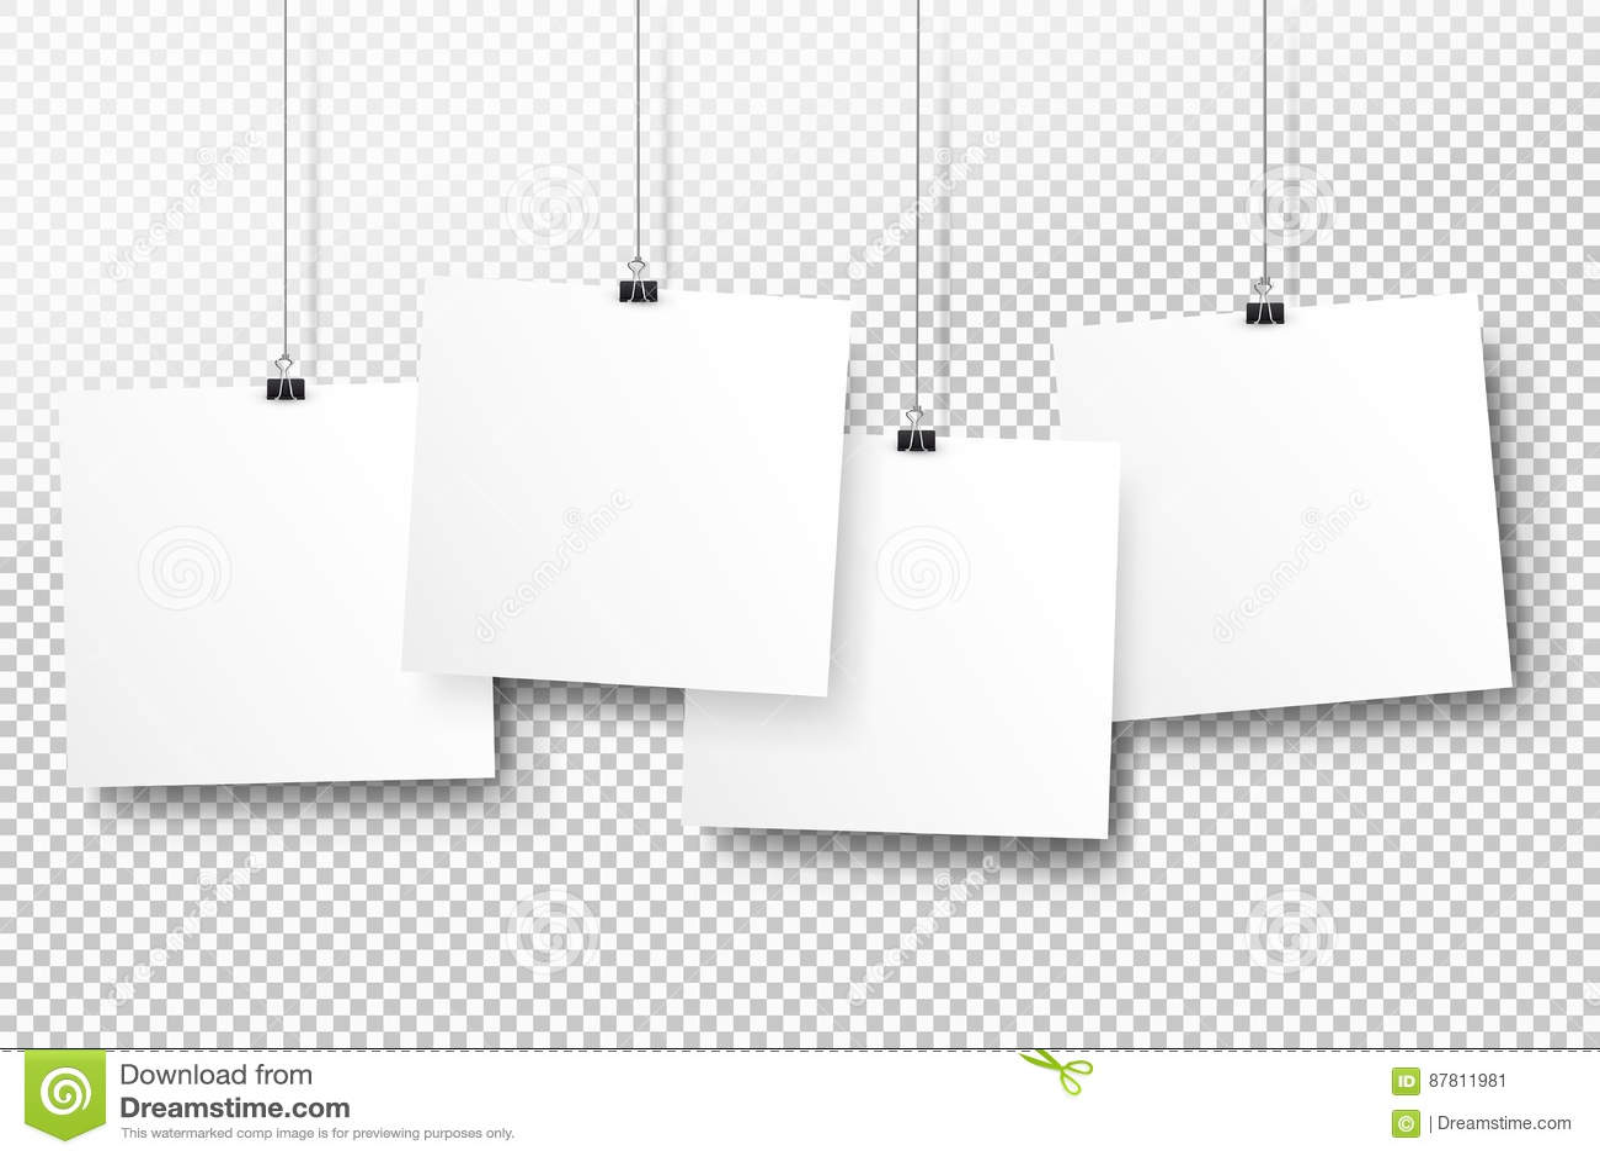 Lujoso Plantillas De Carpeta Motivo - Ejemplo De Colección De ...